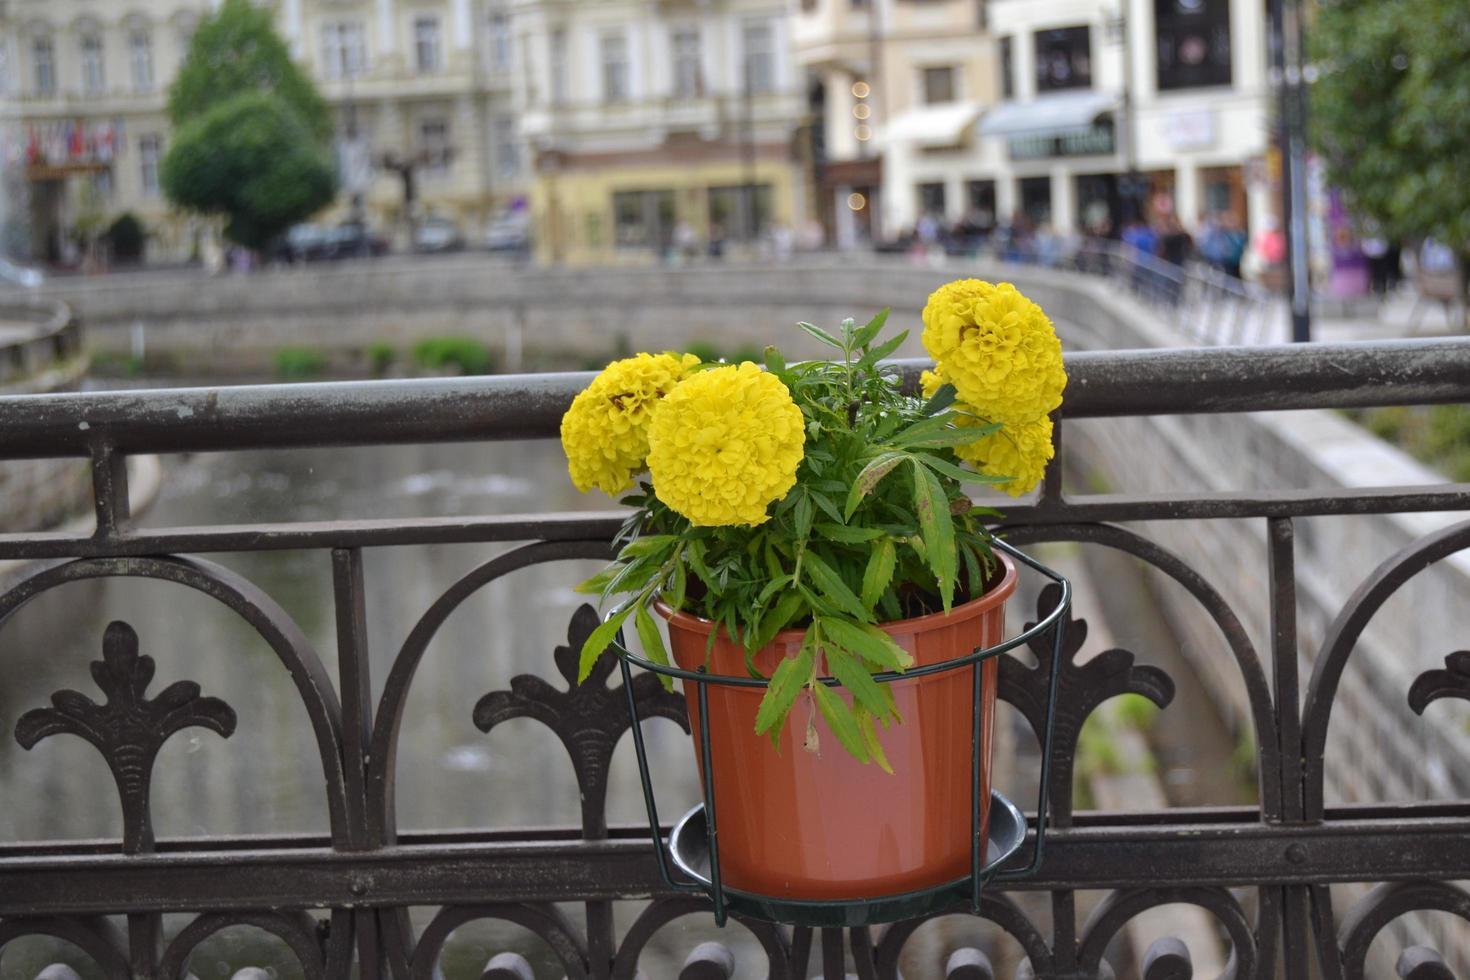 flores amarillas en una maceta foto